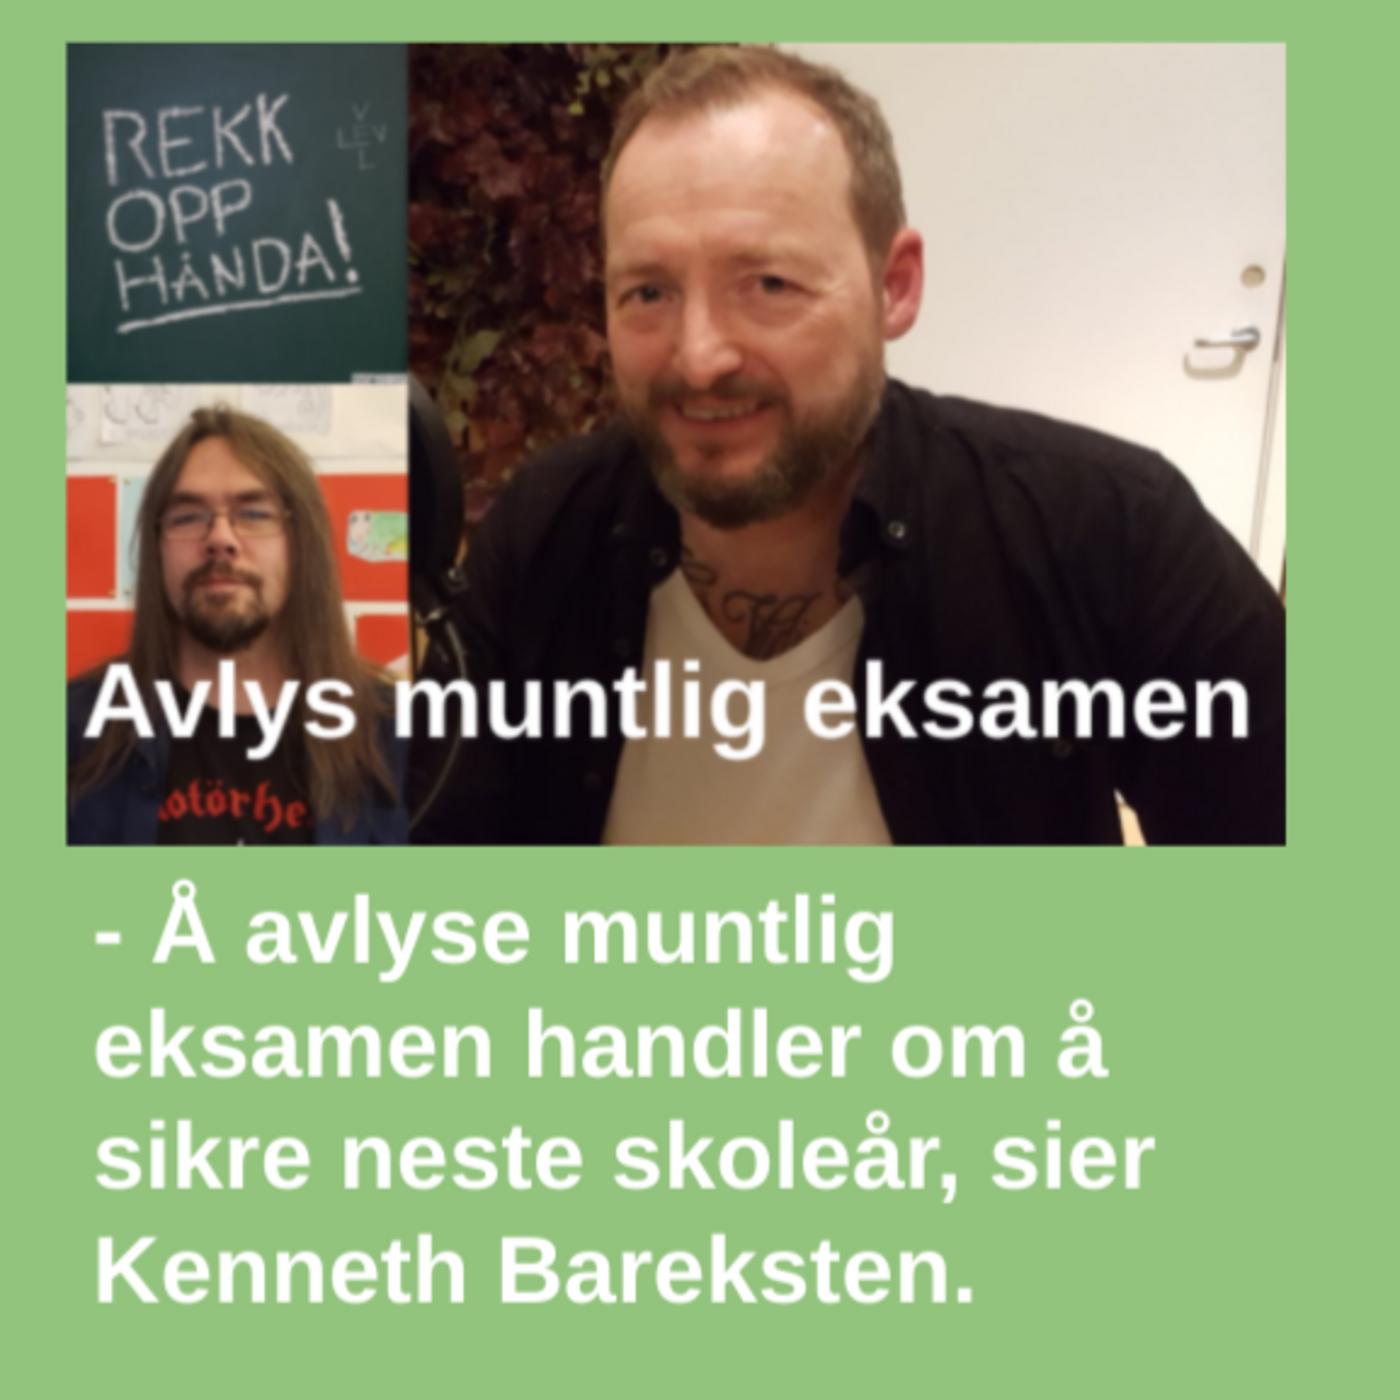 Avlys muntlig eksamen, sier Kenneth Barksten